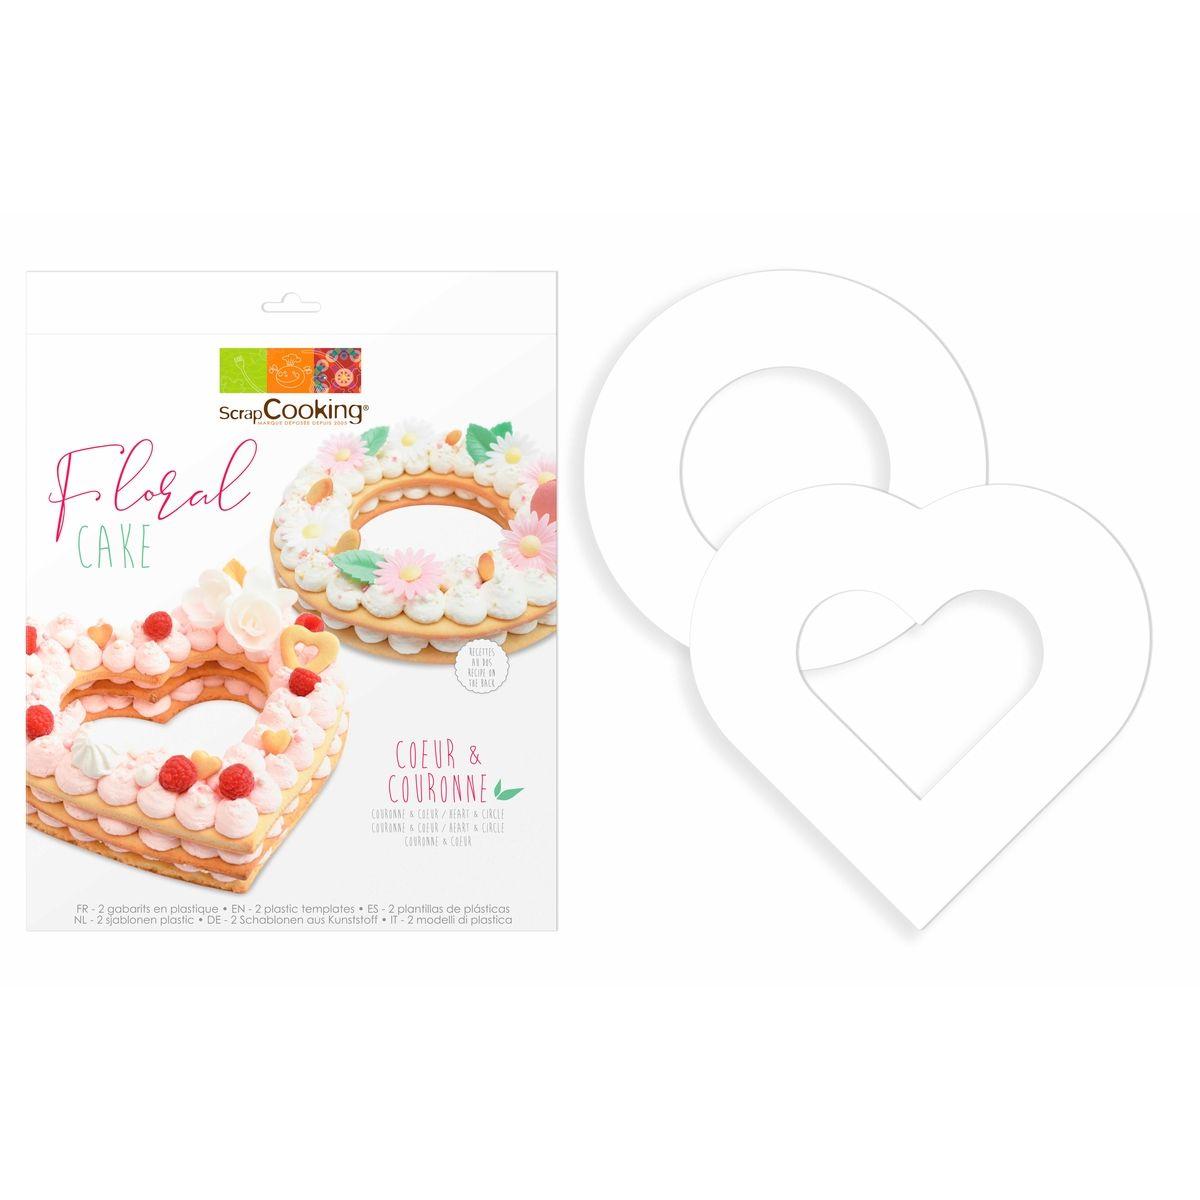 2 gabarits pour floral cake en plastique : un coeur 23.5 x 26 cm et une couronne 24 cm - Scrapcooking